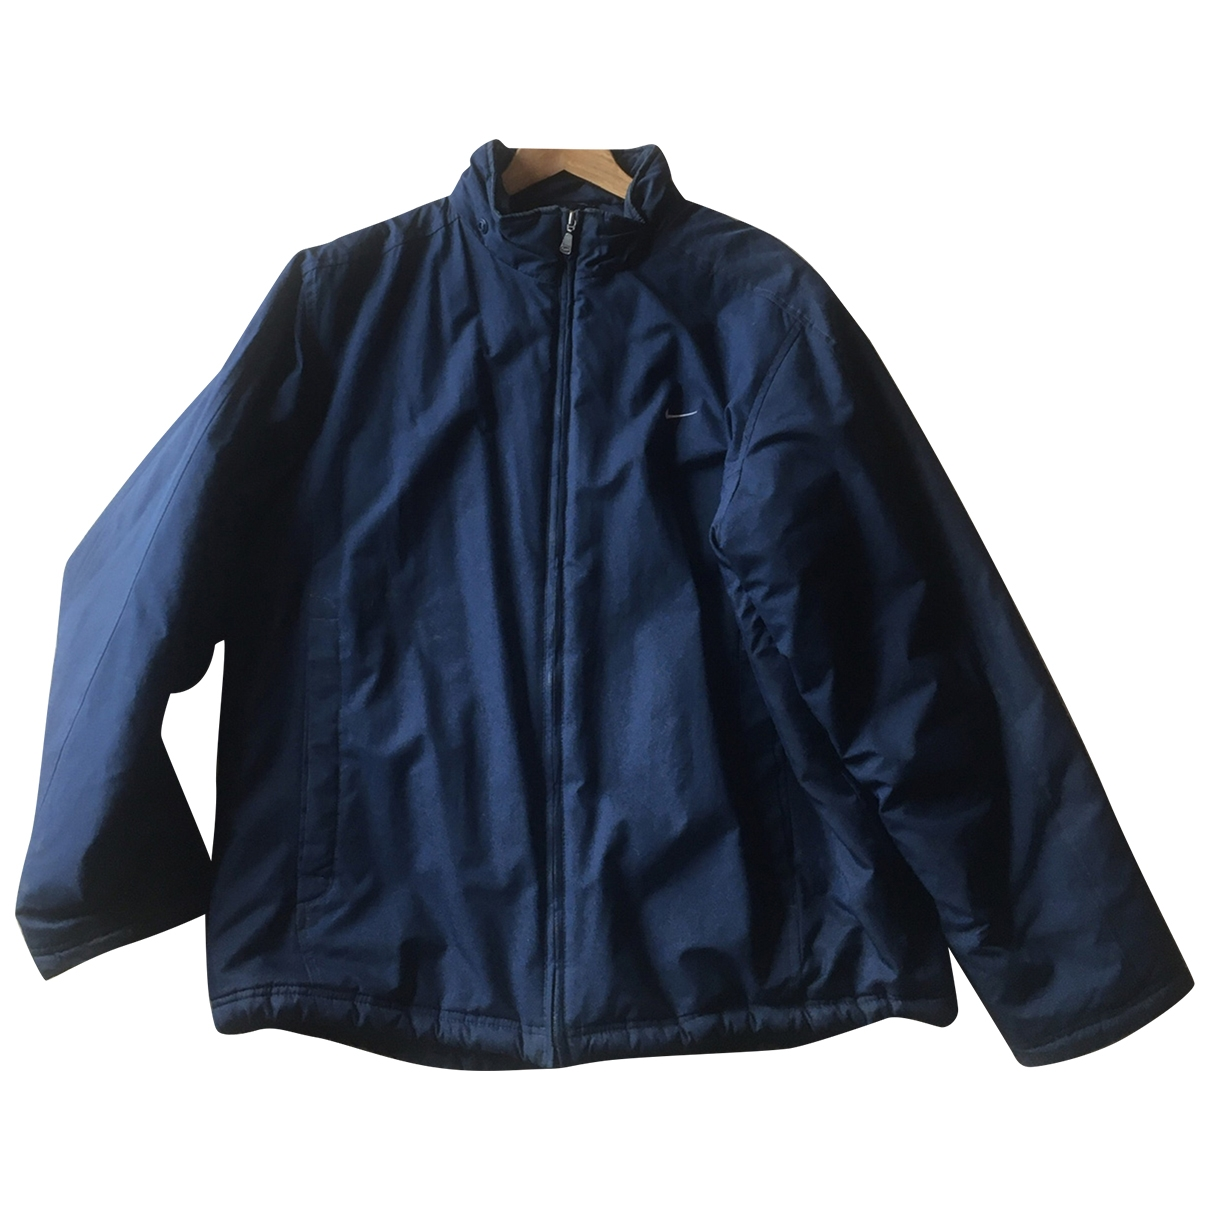 Nike - Manteau   pour homme - bleu